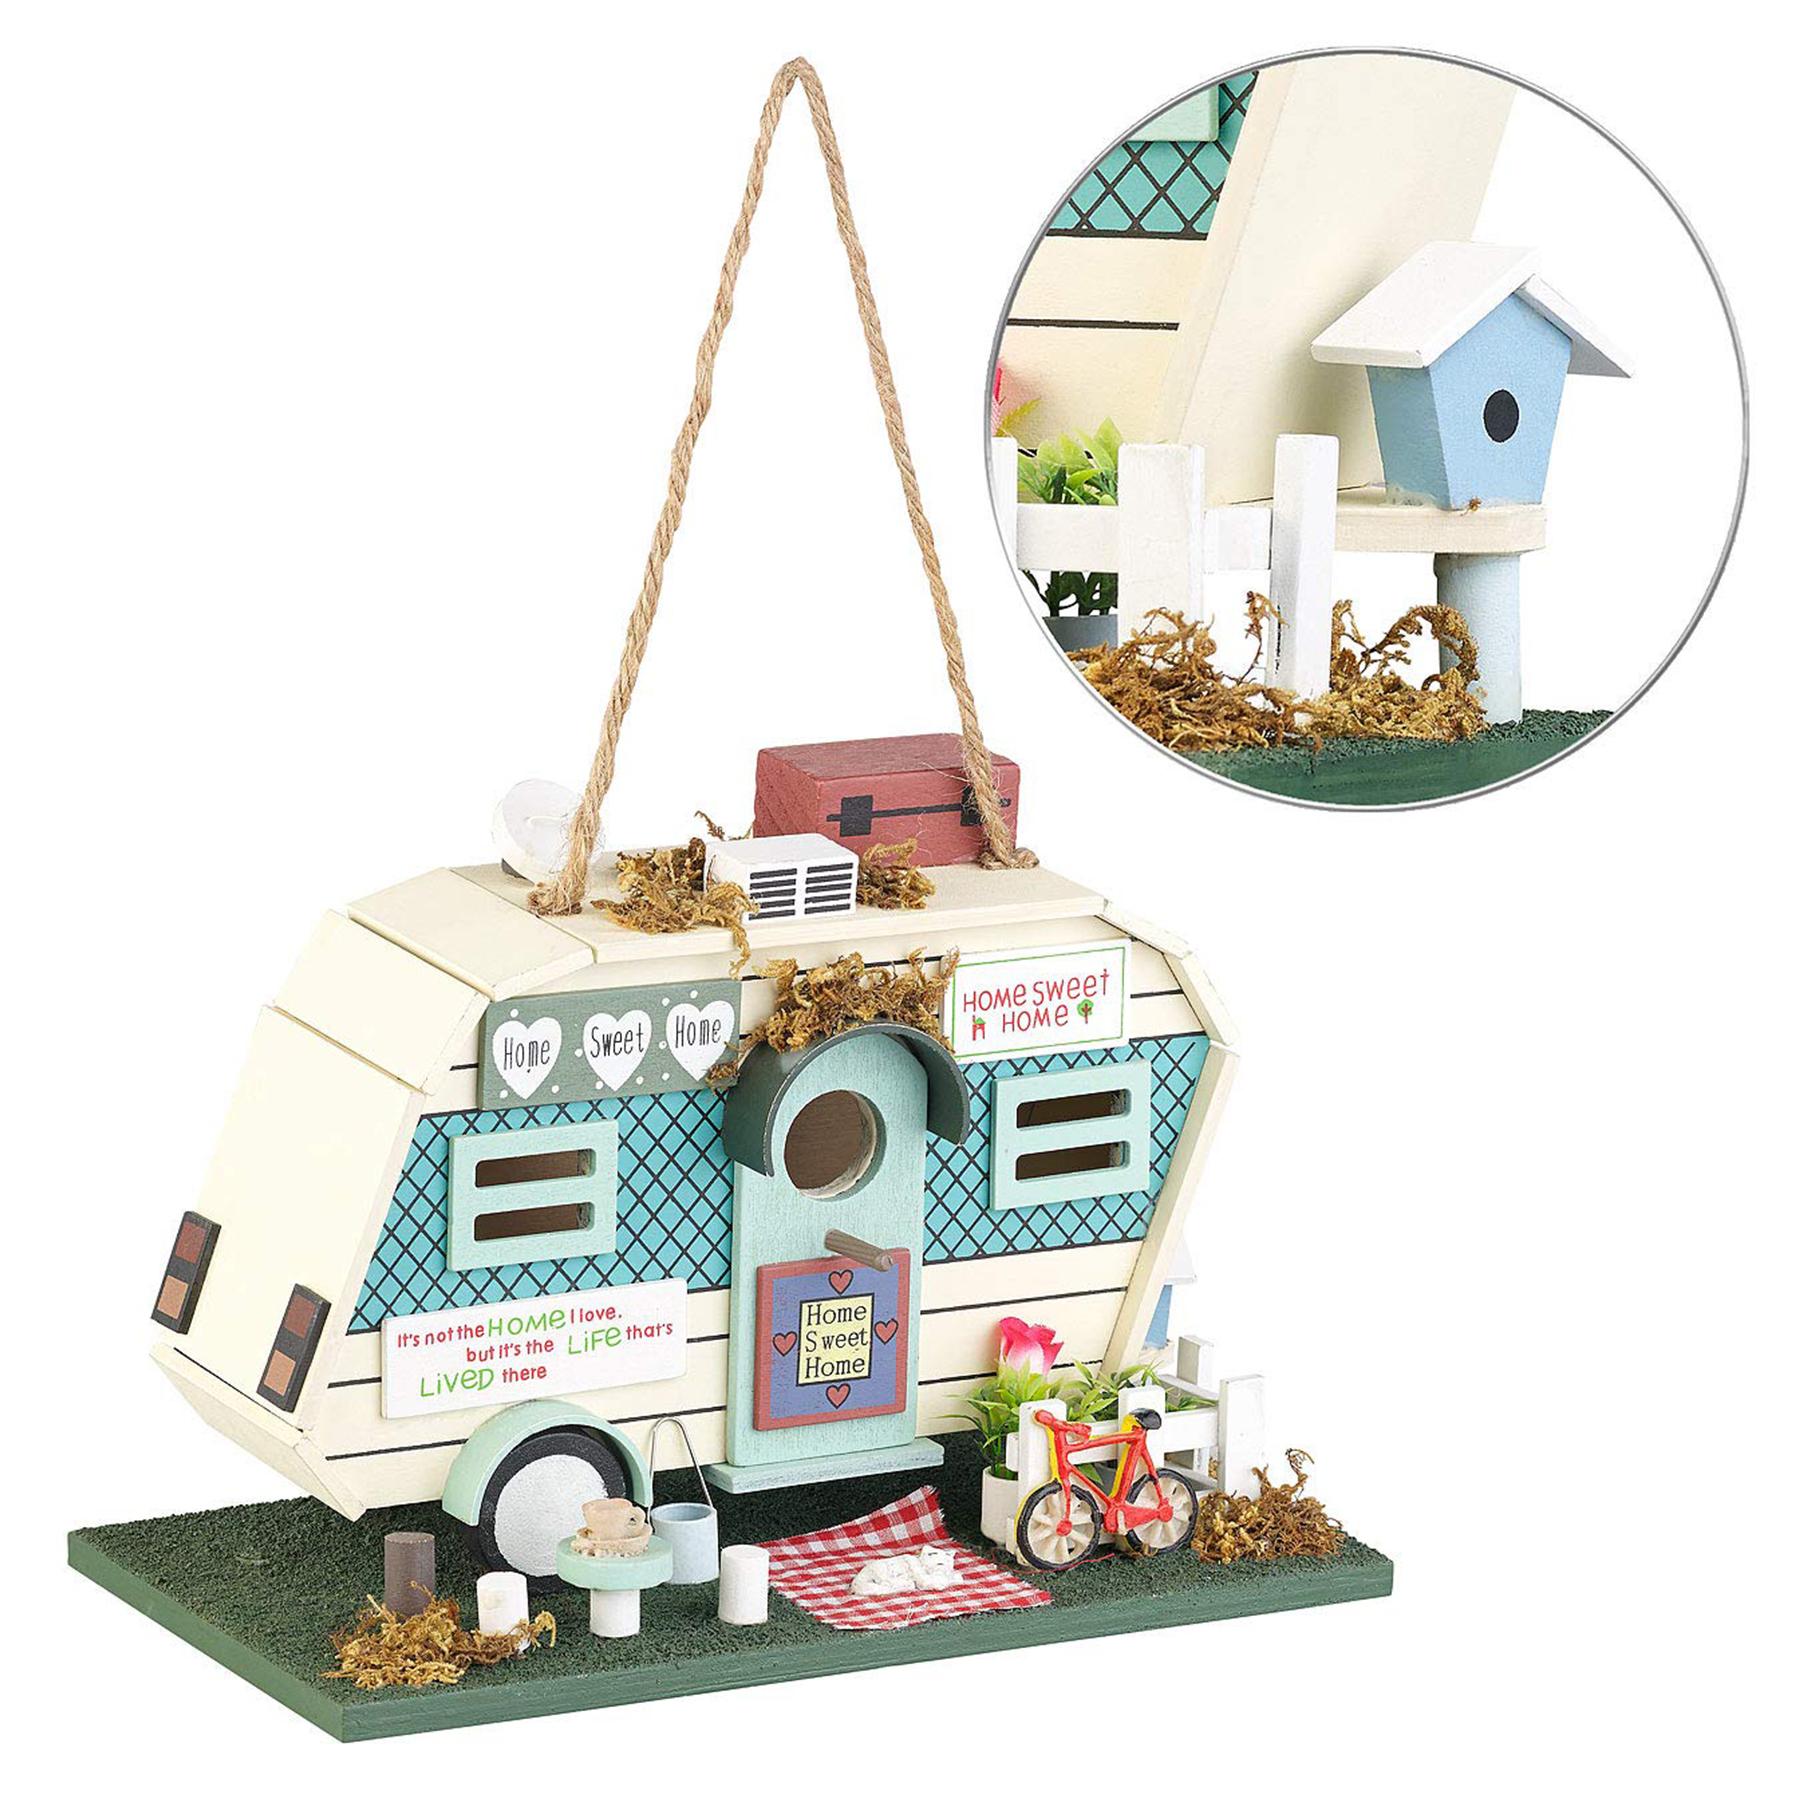 Der Nistkasten Wohnmobil ideales Zuhause für Vögel